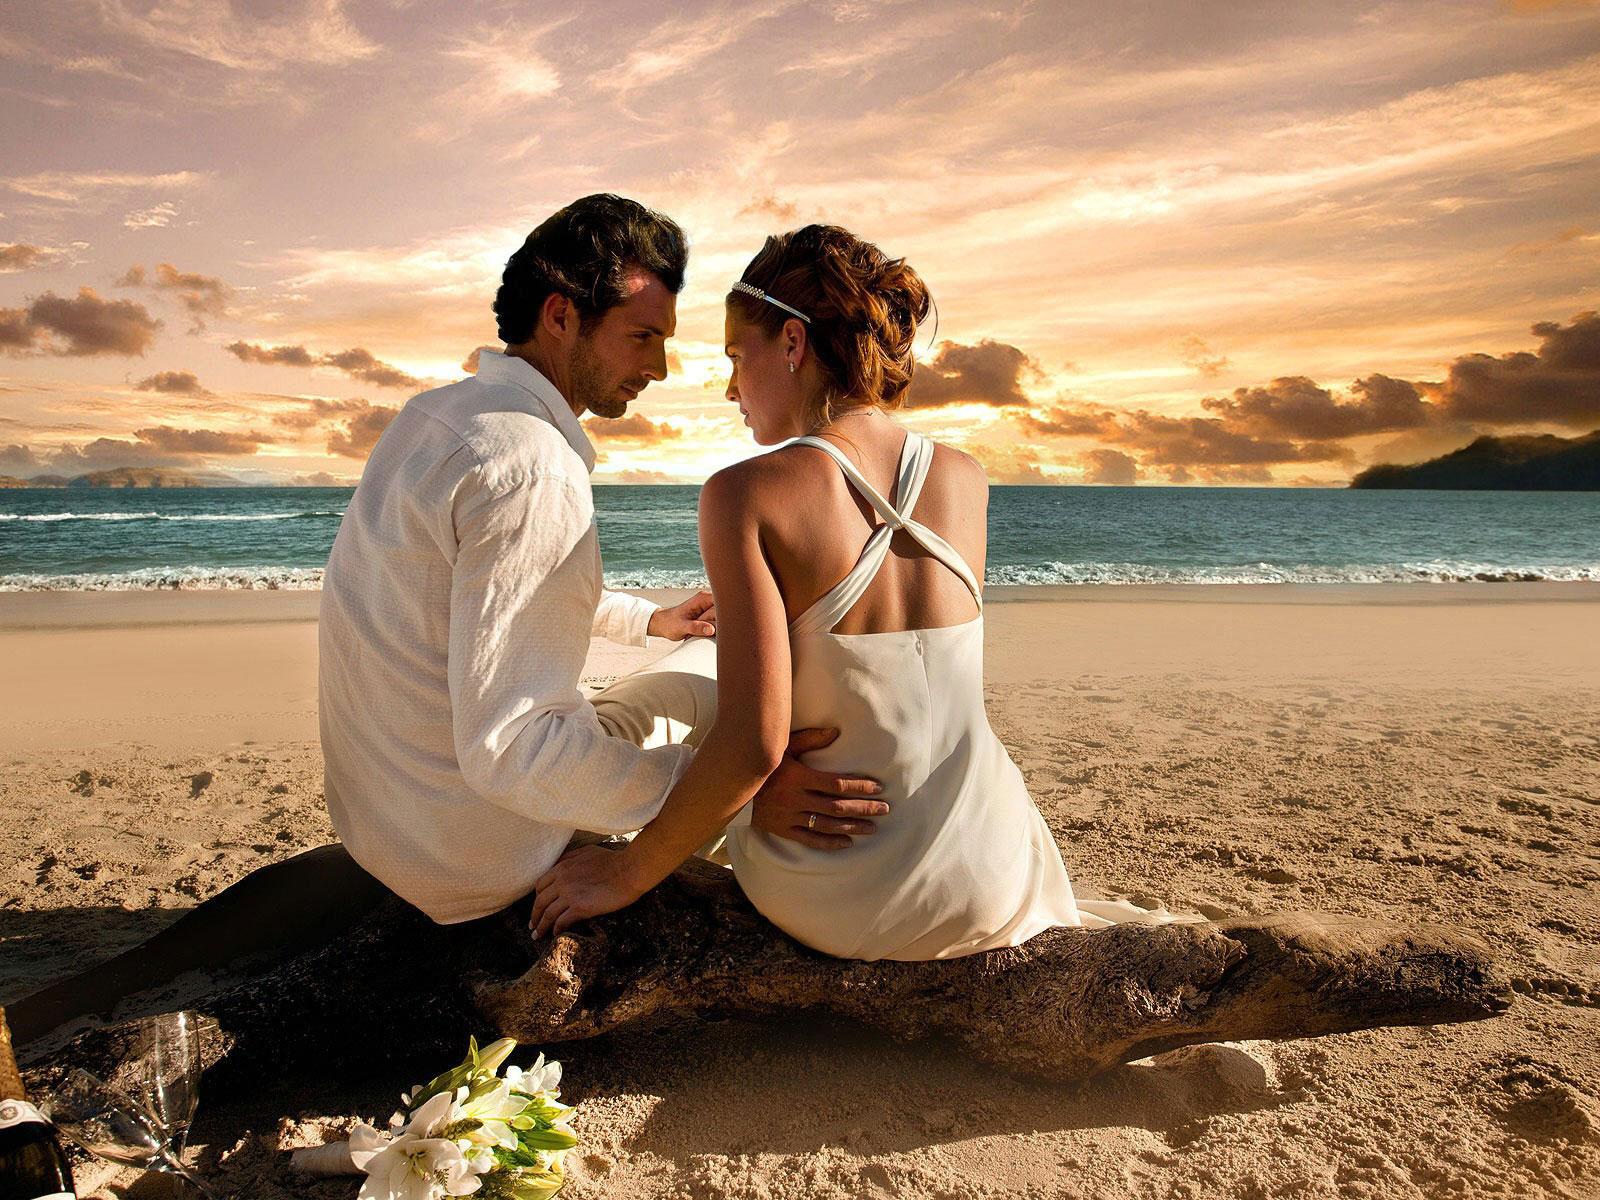 بالصور صور عشاق رومانسيه , اجمل الصور تجمع العشاق 5881 9